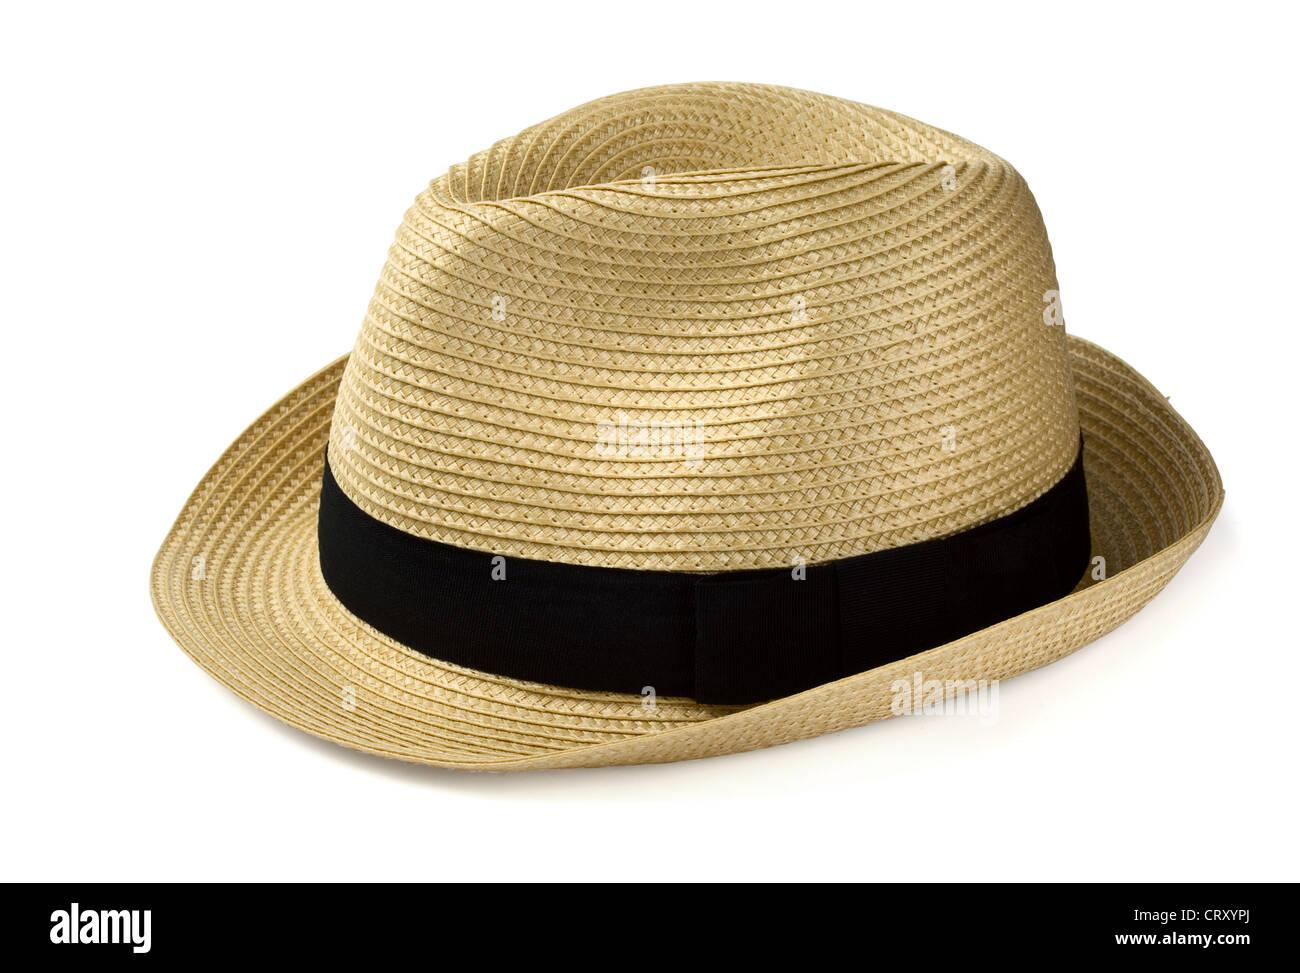 Summer panama straw hat isolated on white Stock Photo